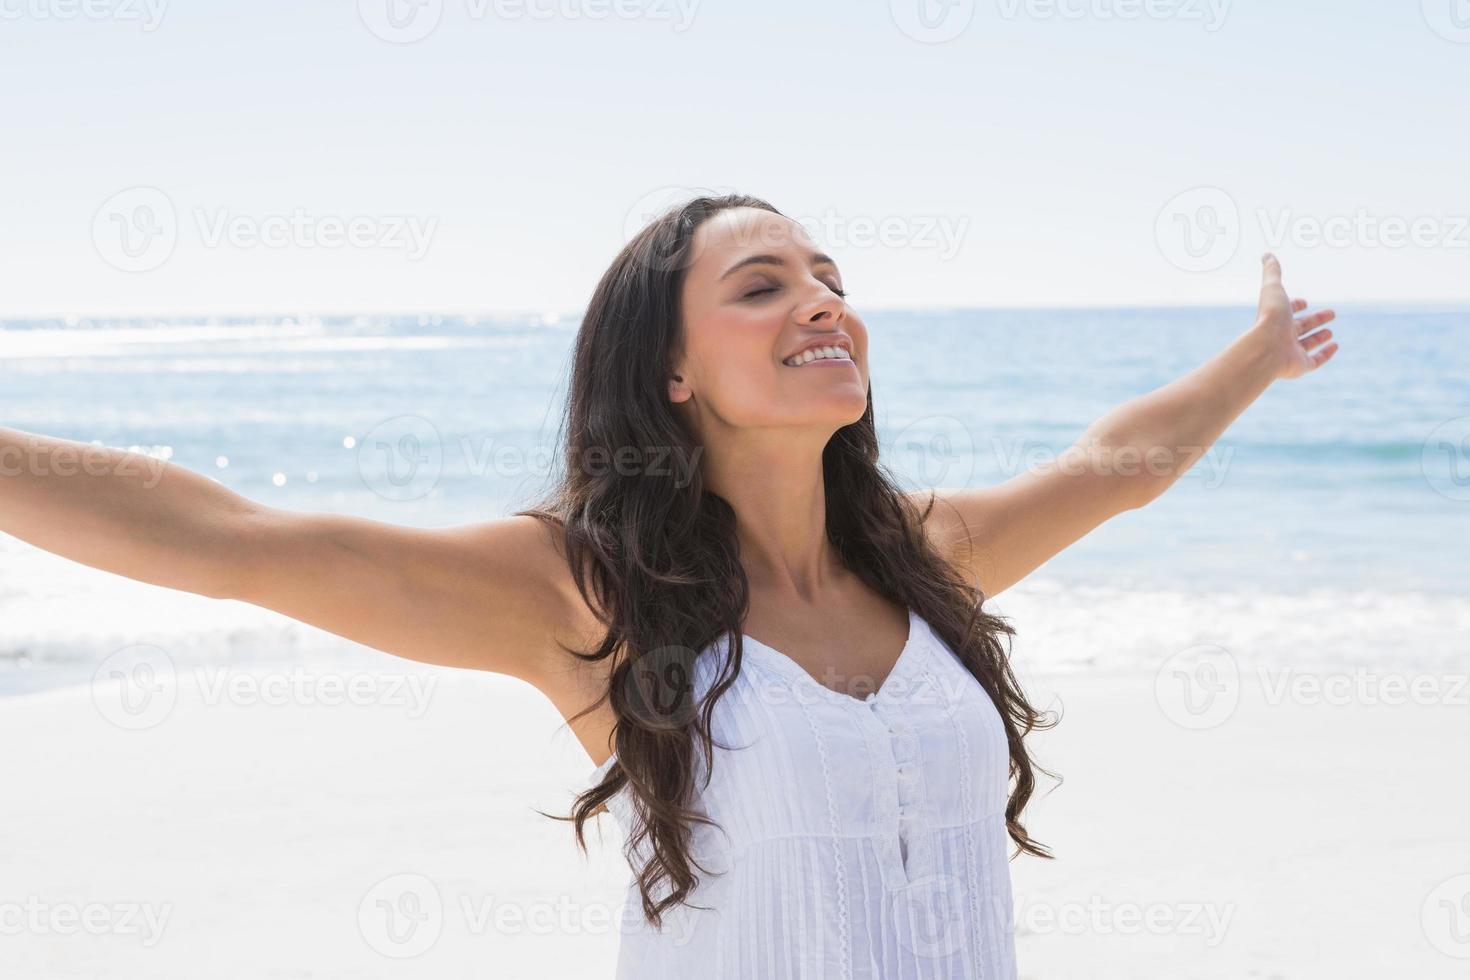 mooie brunette in witte zon jurk genieten van de zon foto